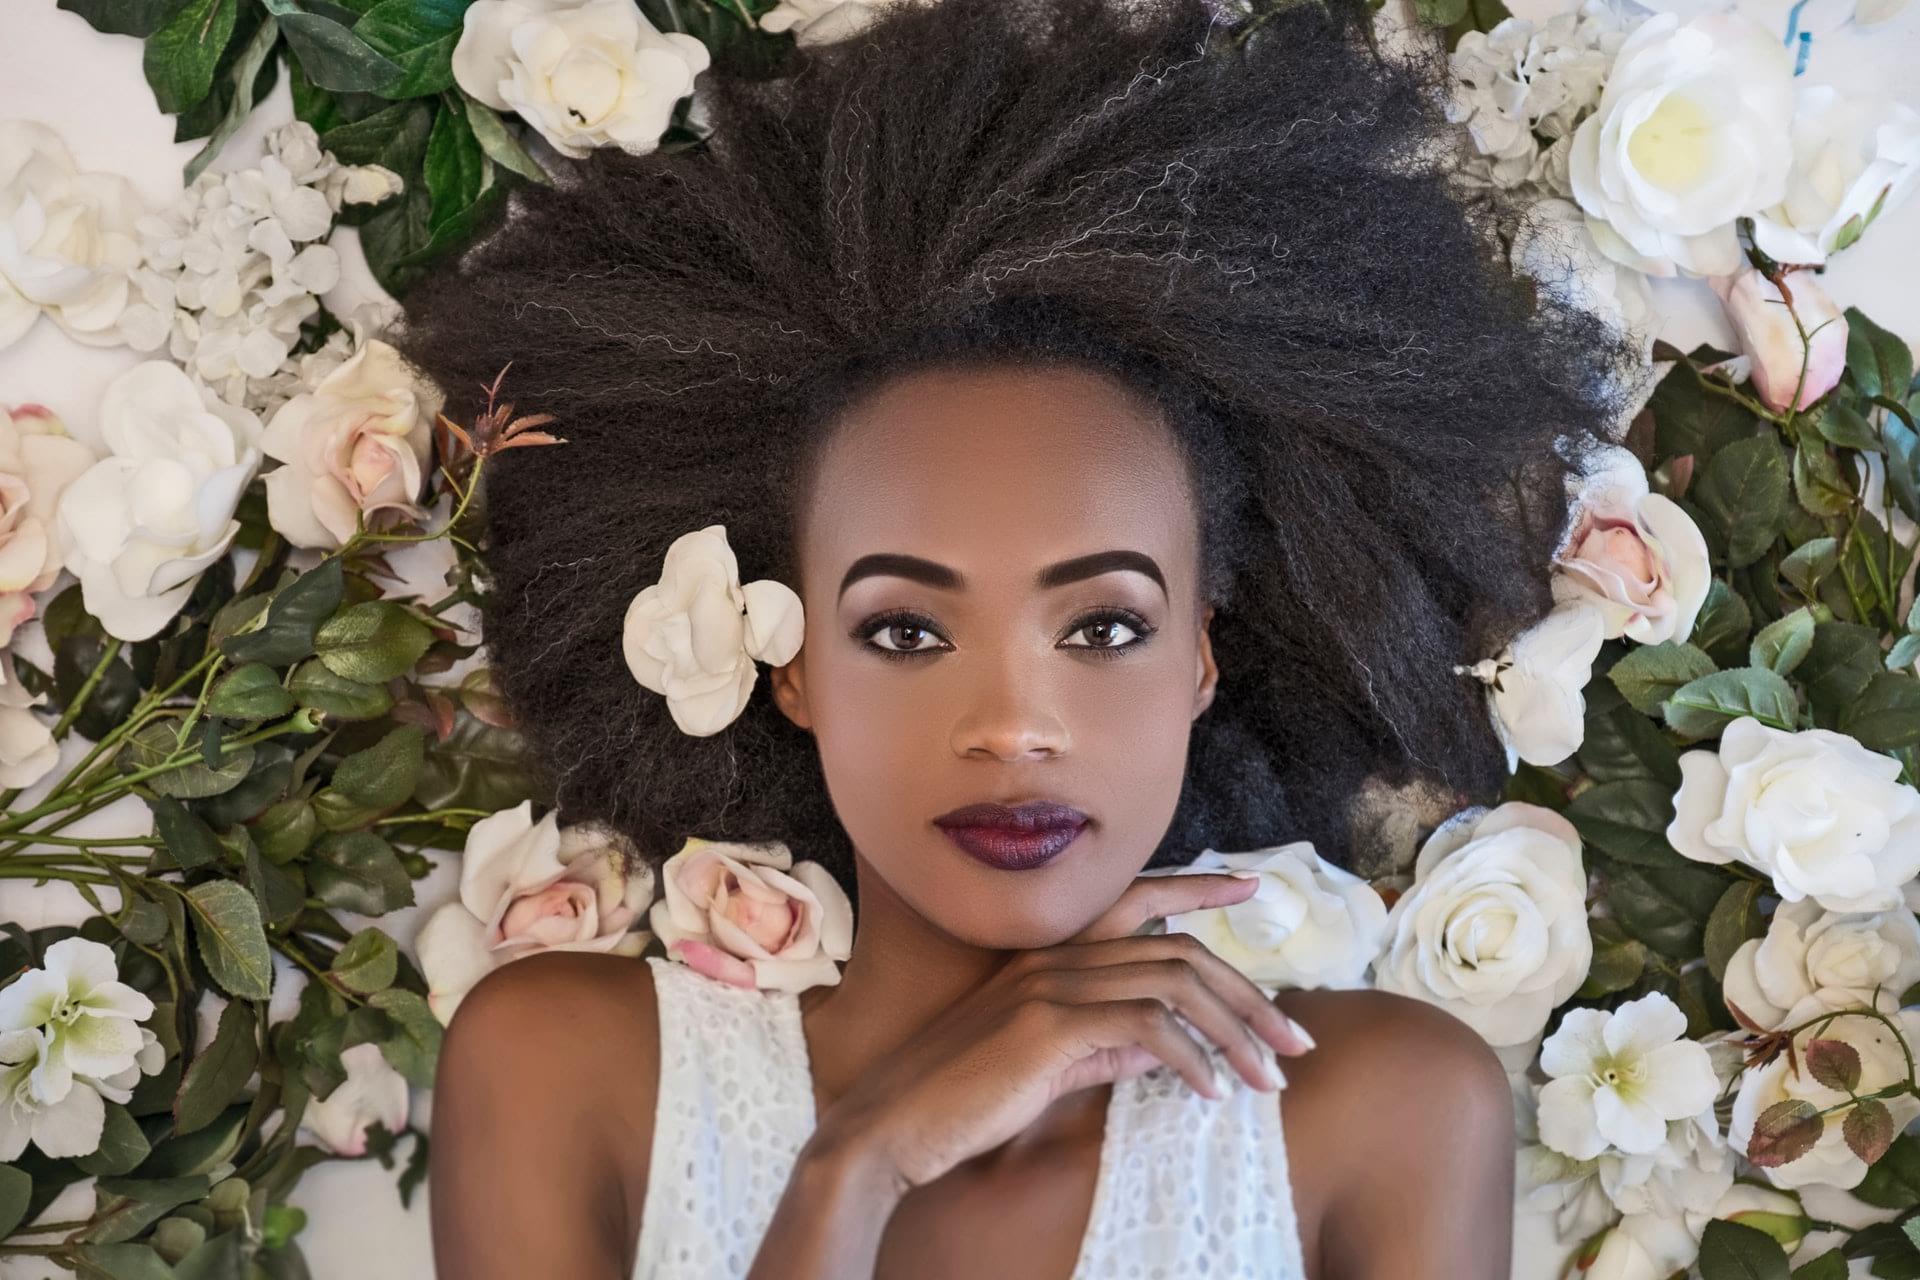 young woman beautiful skin